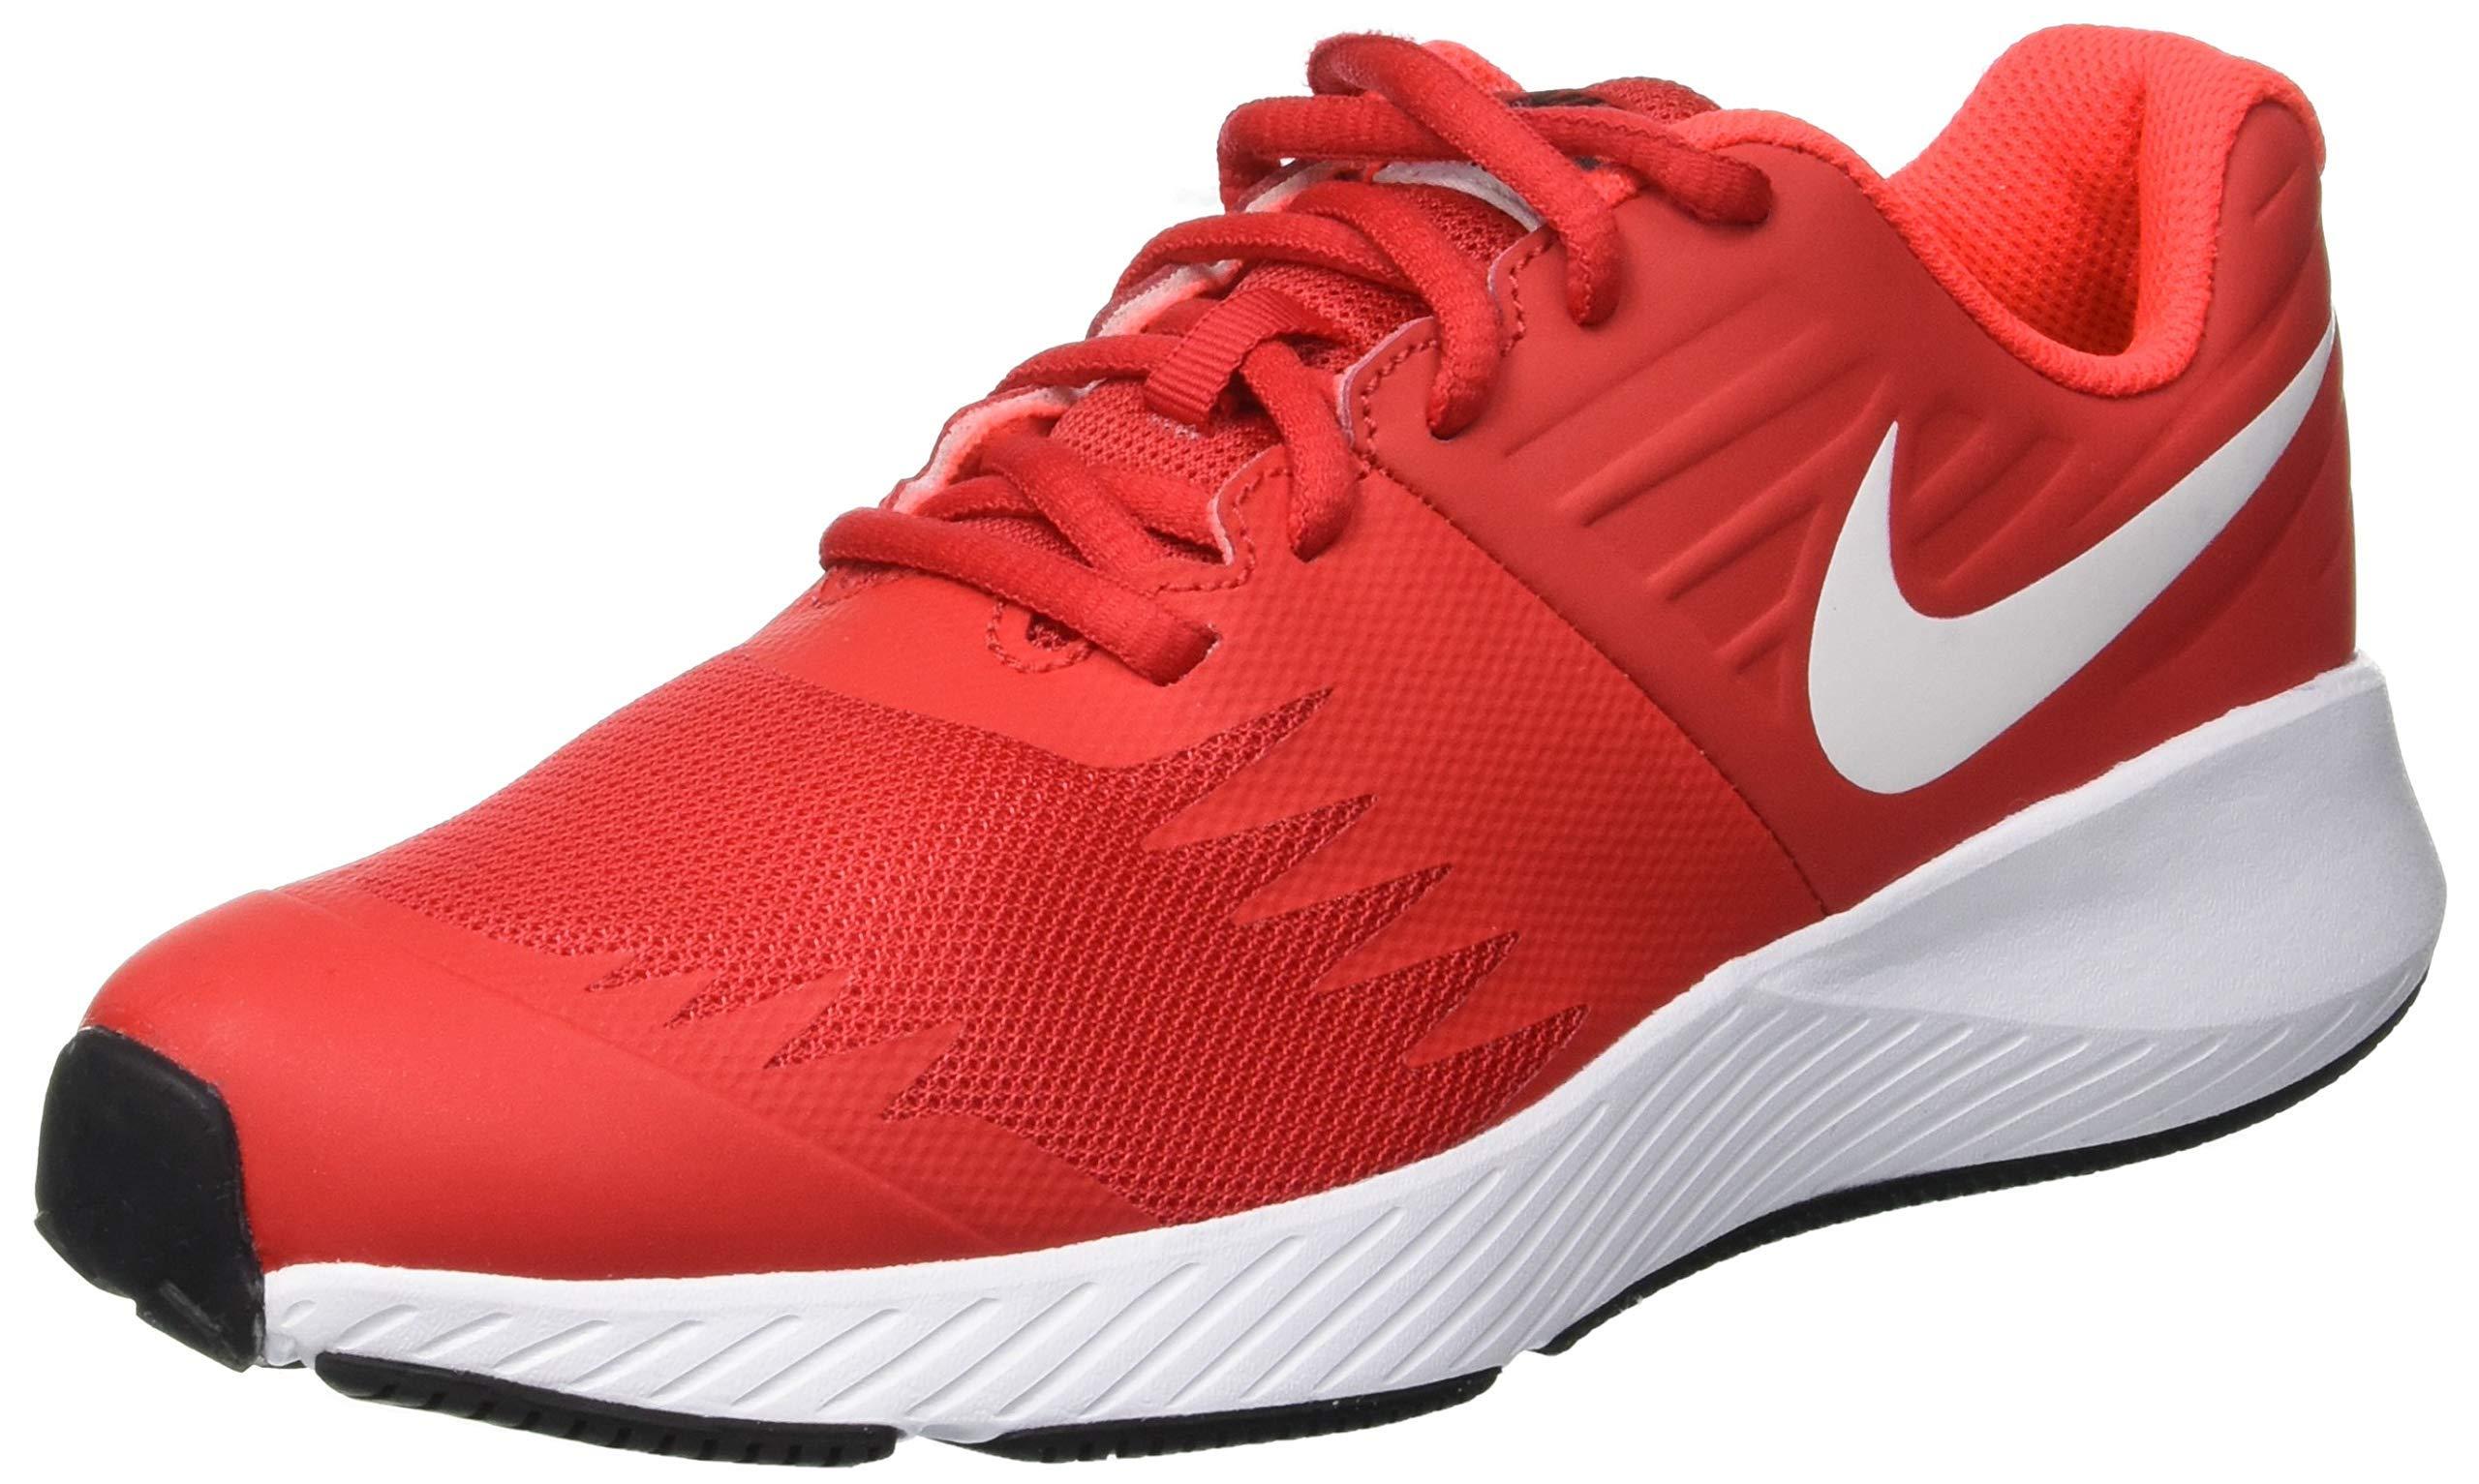 Nike Boy's Star Runner (GS) Running Shoe University Red/White/Black Size 3.5 M US